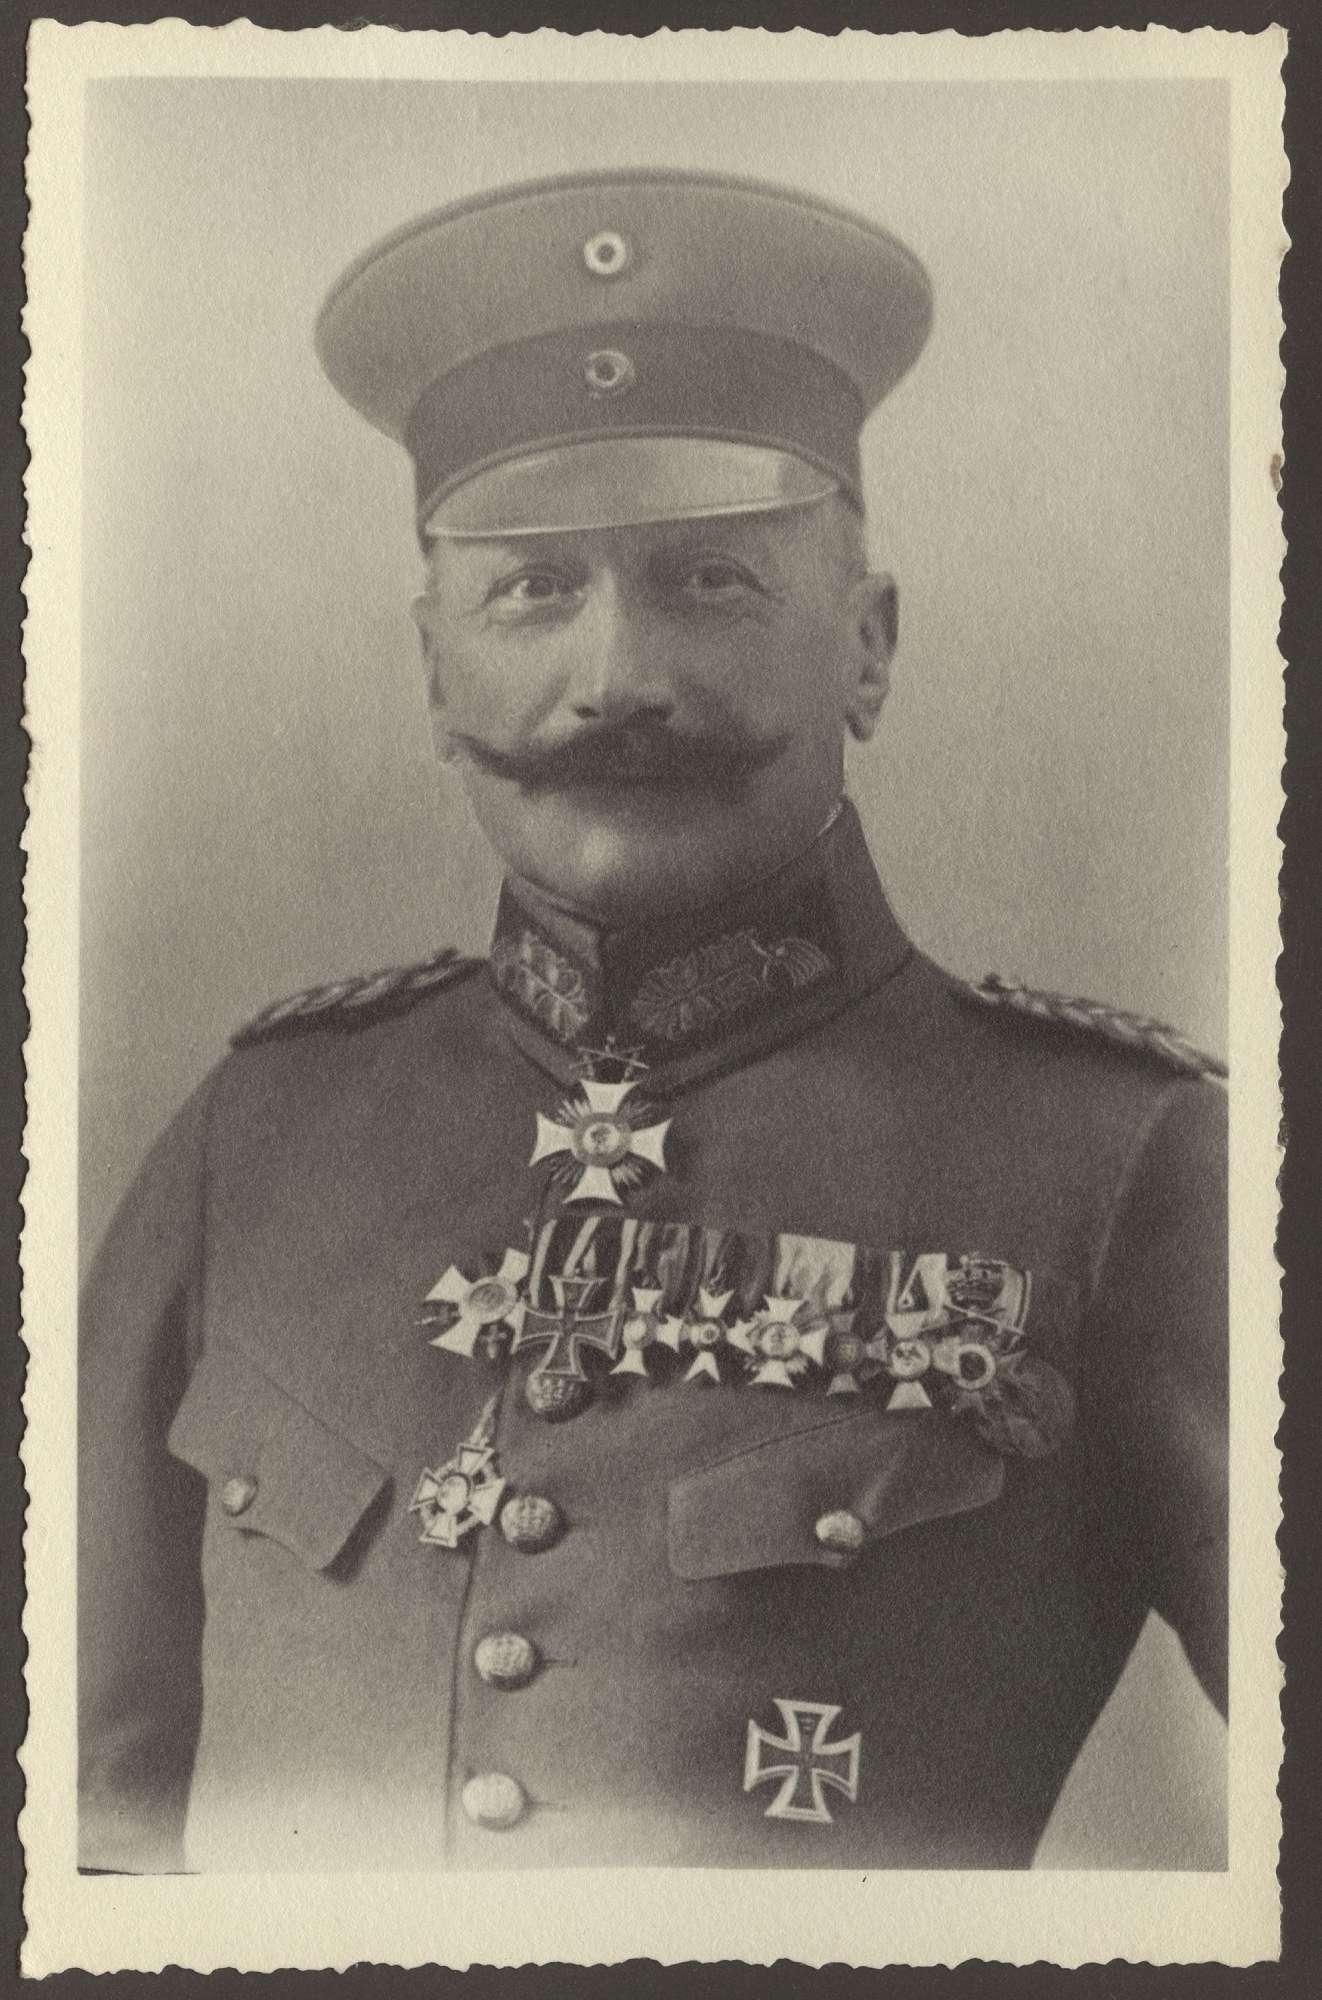 Erlenbusch, Richard, Bild 3